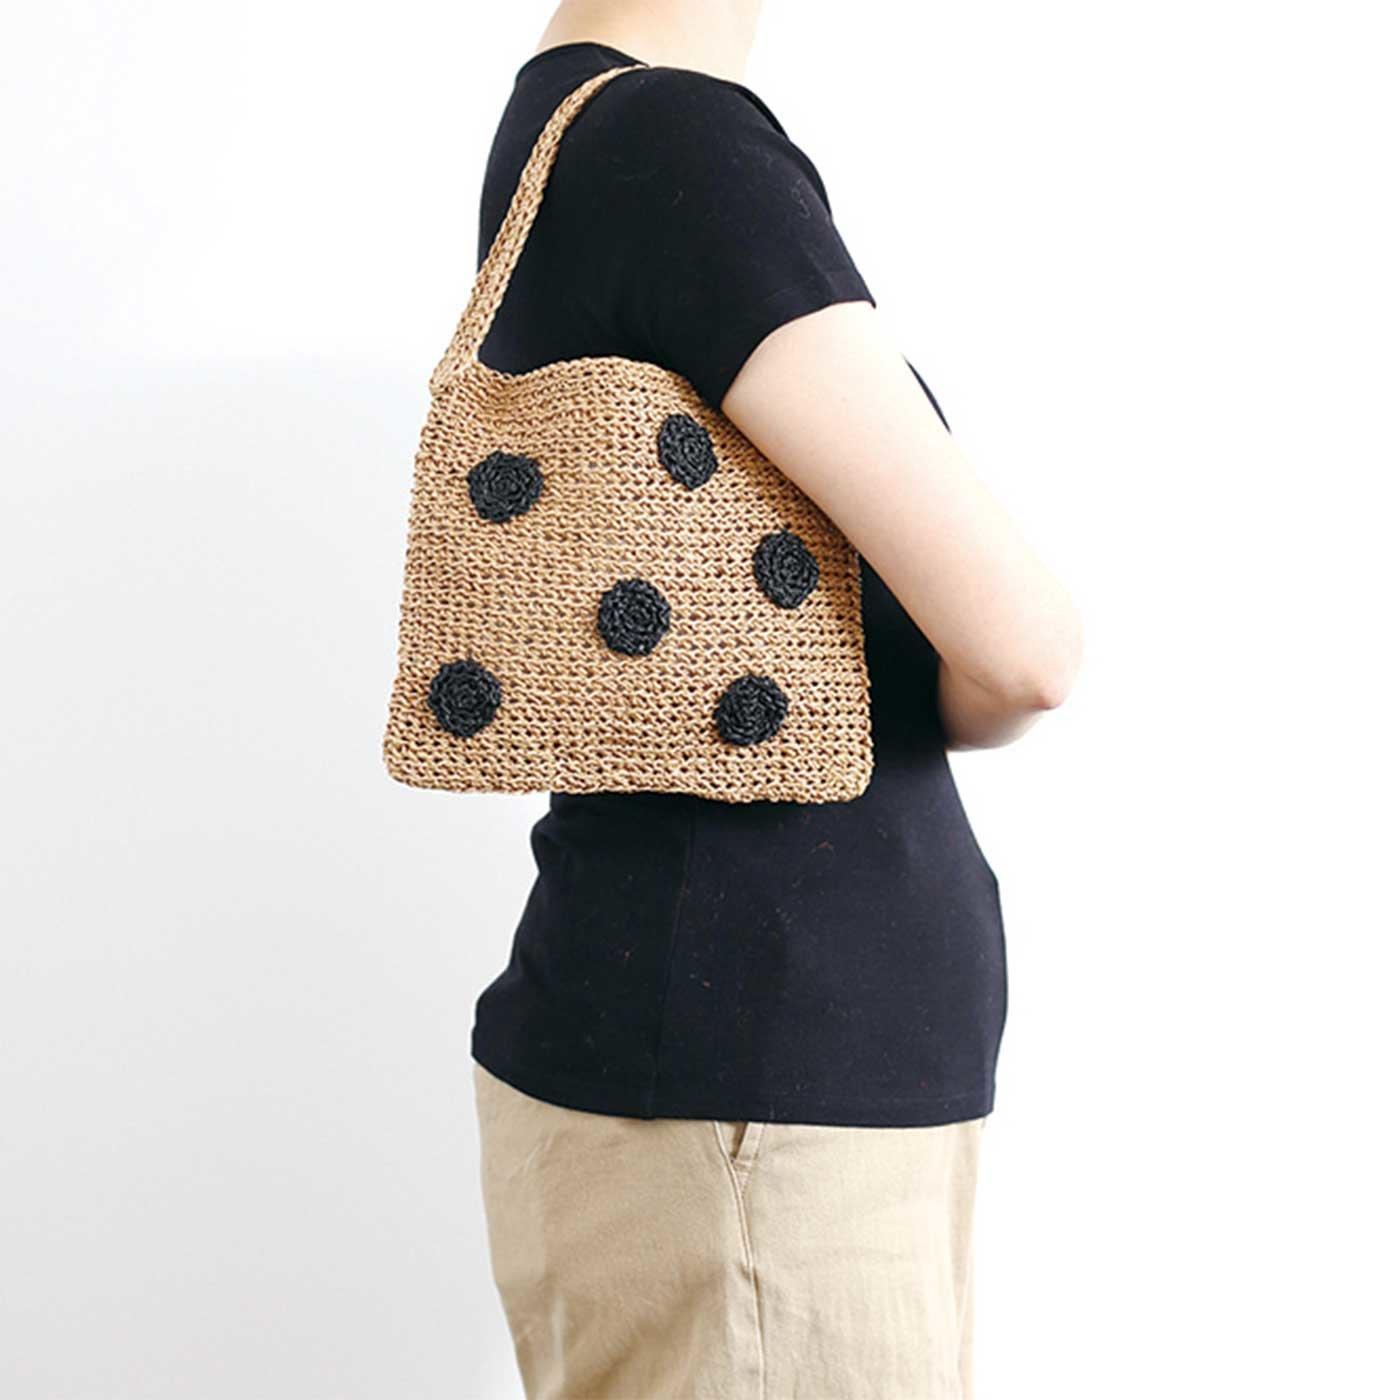 水玉ベージュのバッグが編める SASAWASHI糸とミニブック「PatternsNote」